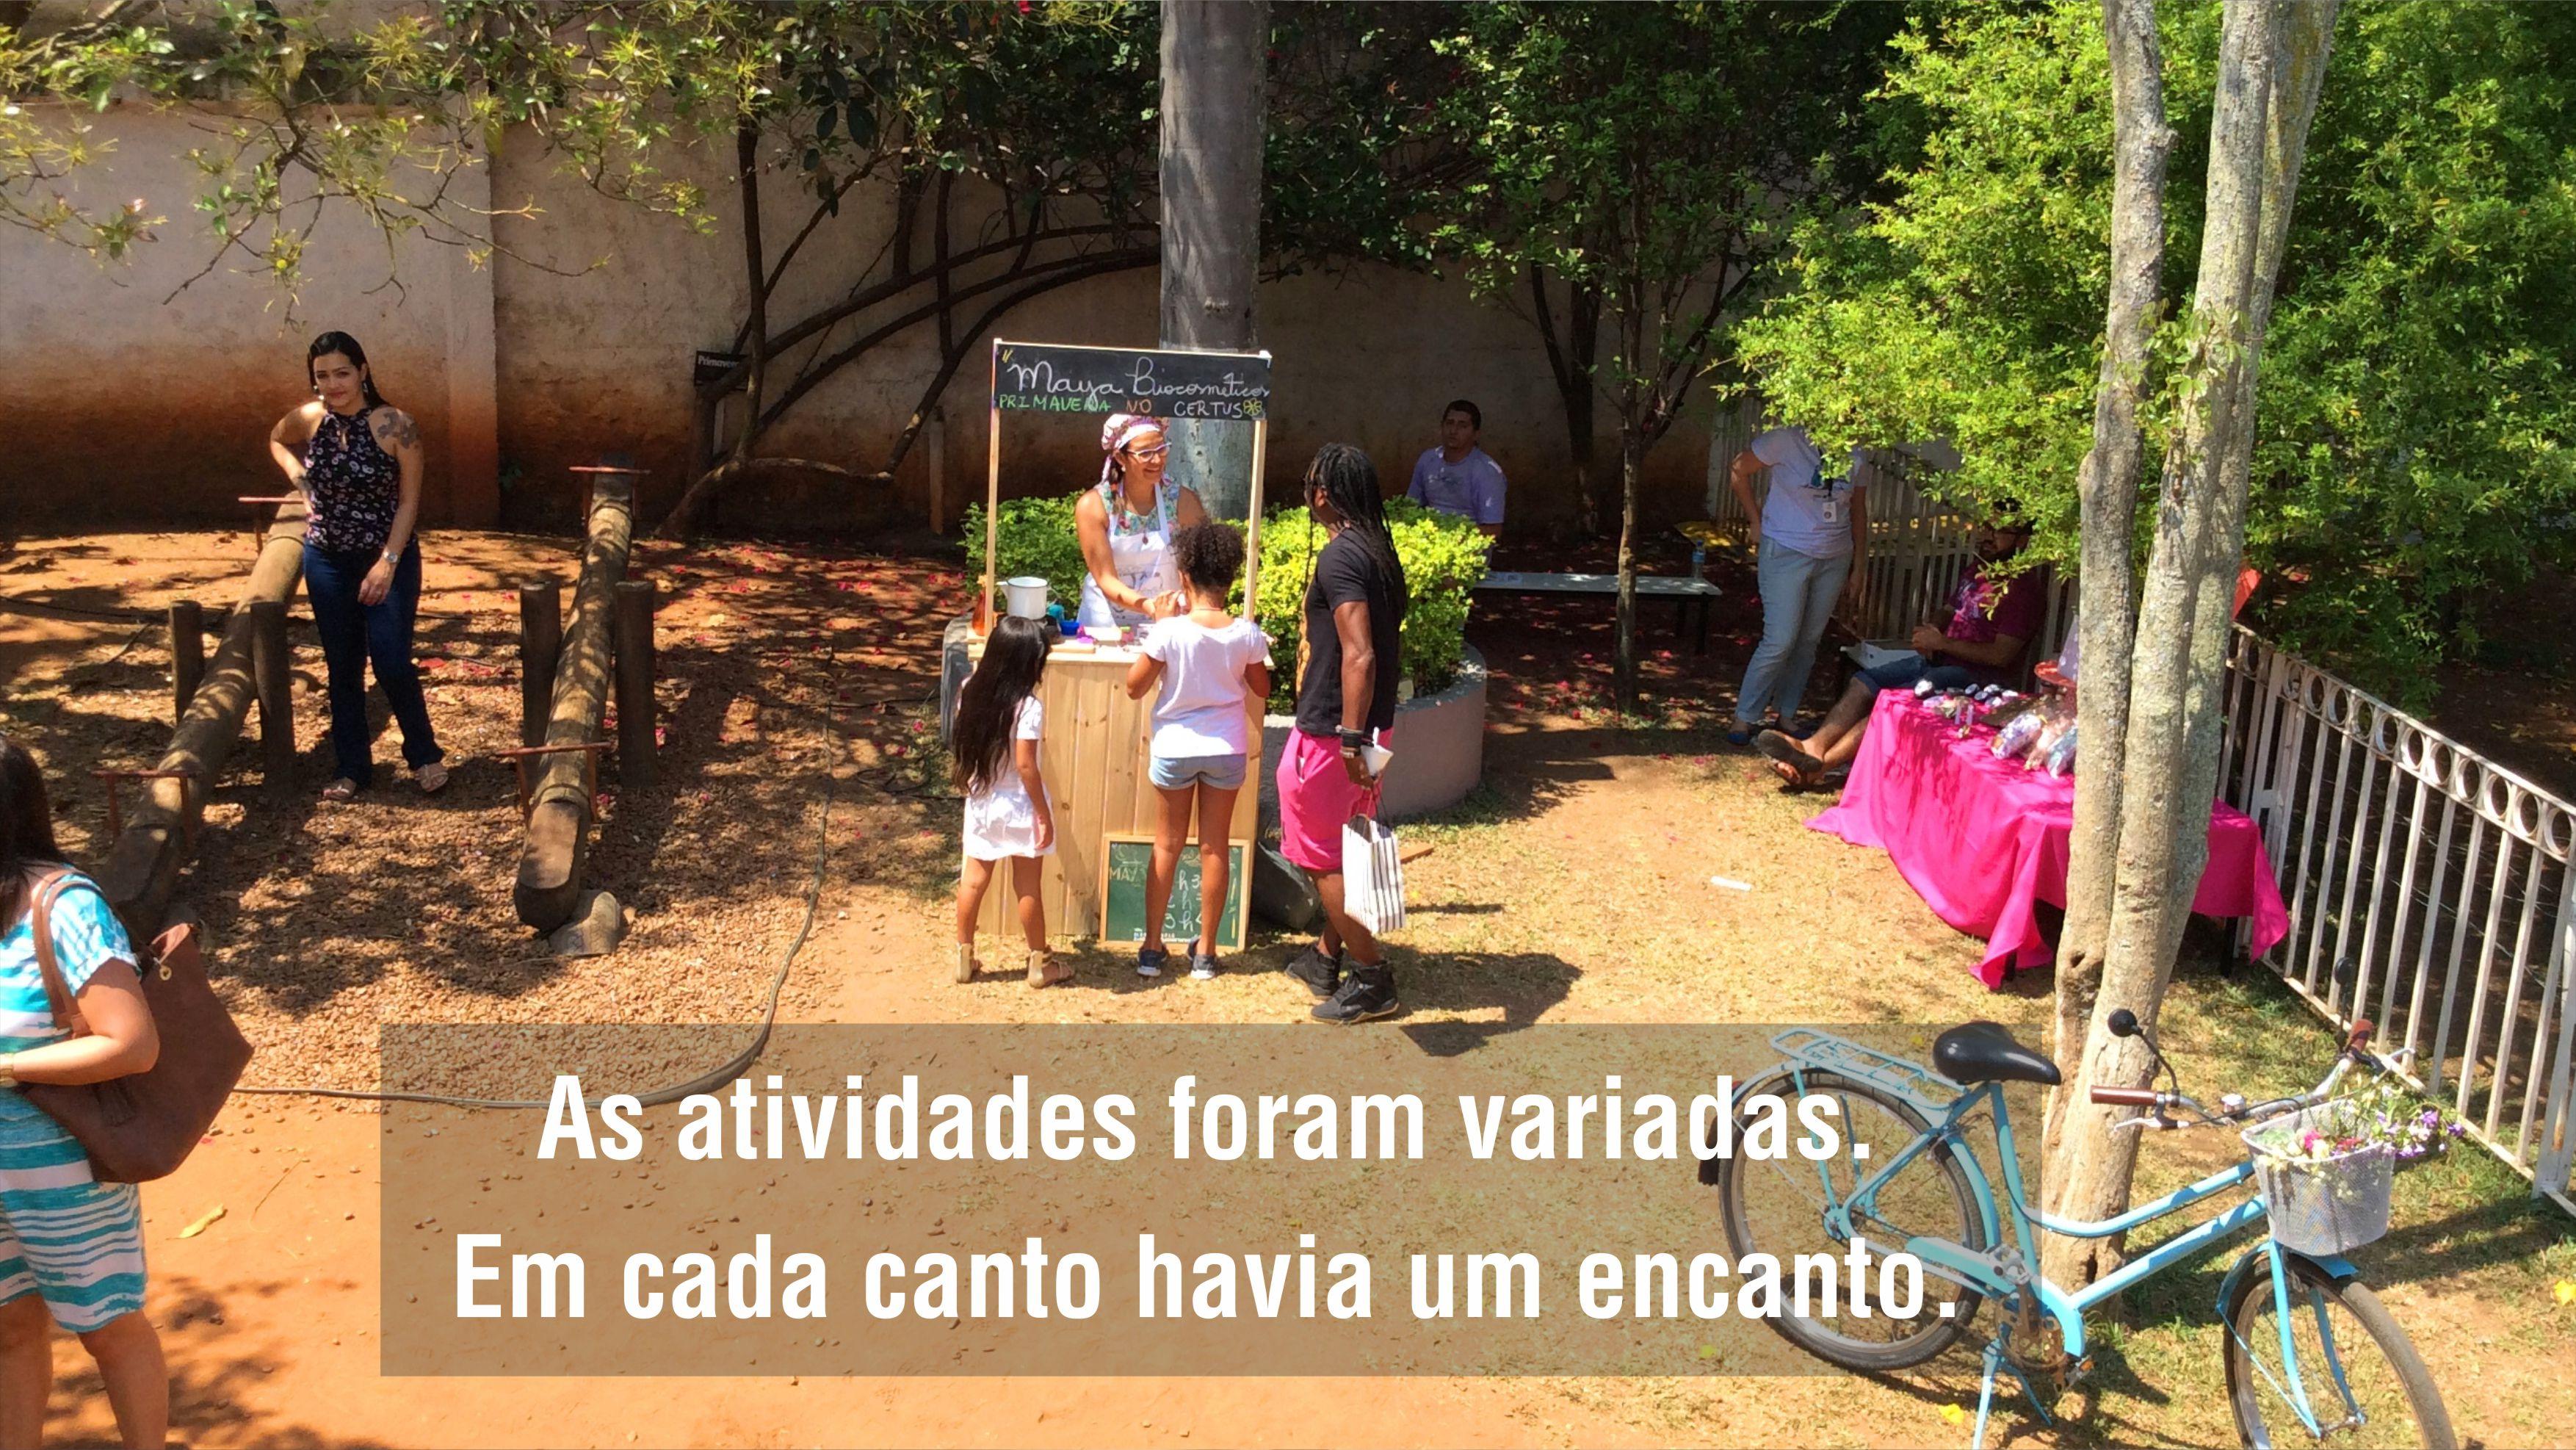 Evento Festa da Primavera do Certus faz um festival de cores no seu amplo jardim de área verde para visitantes pais e alunos da educação infantil, fundamental e médio